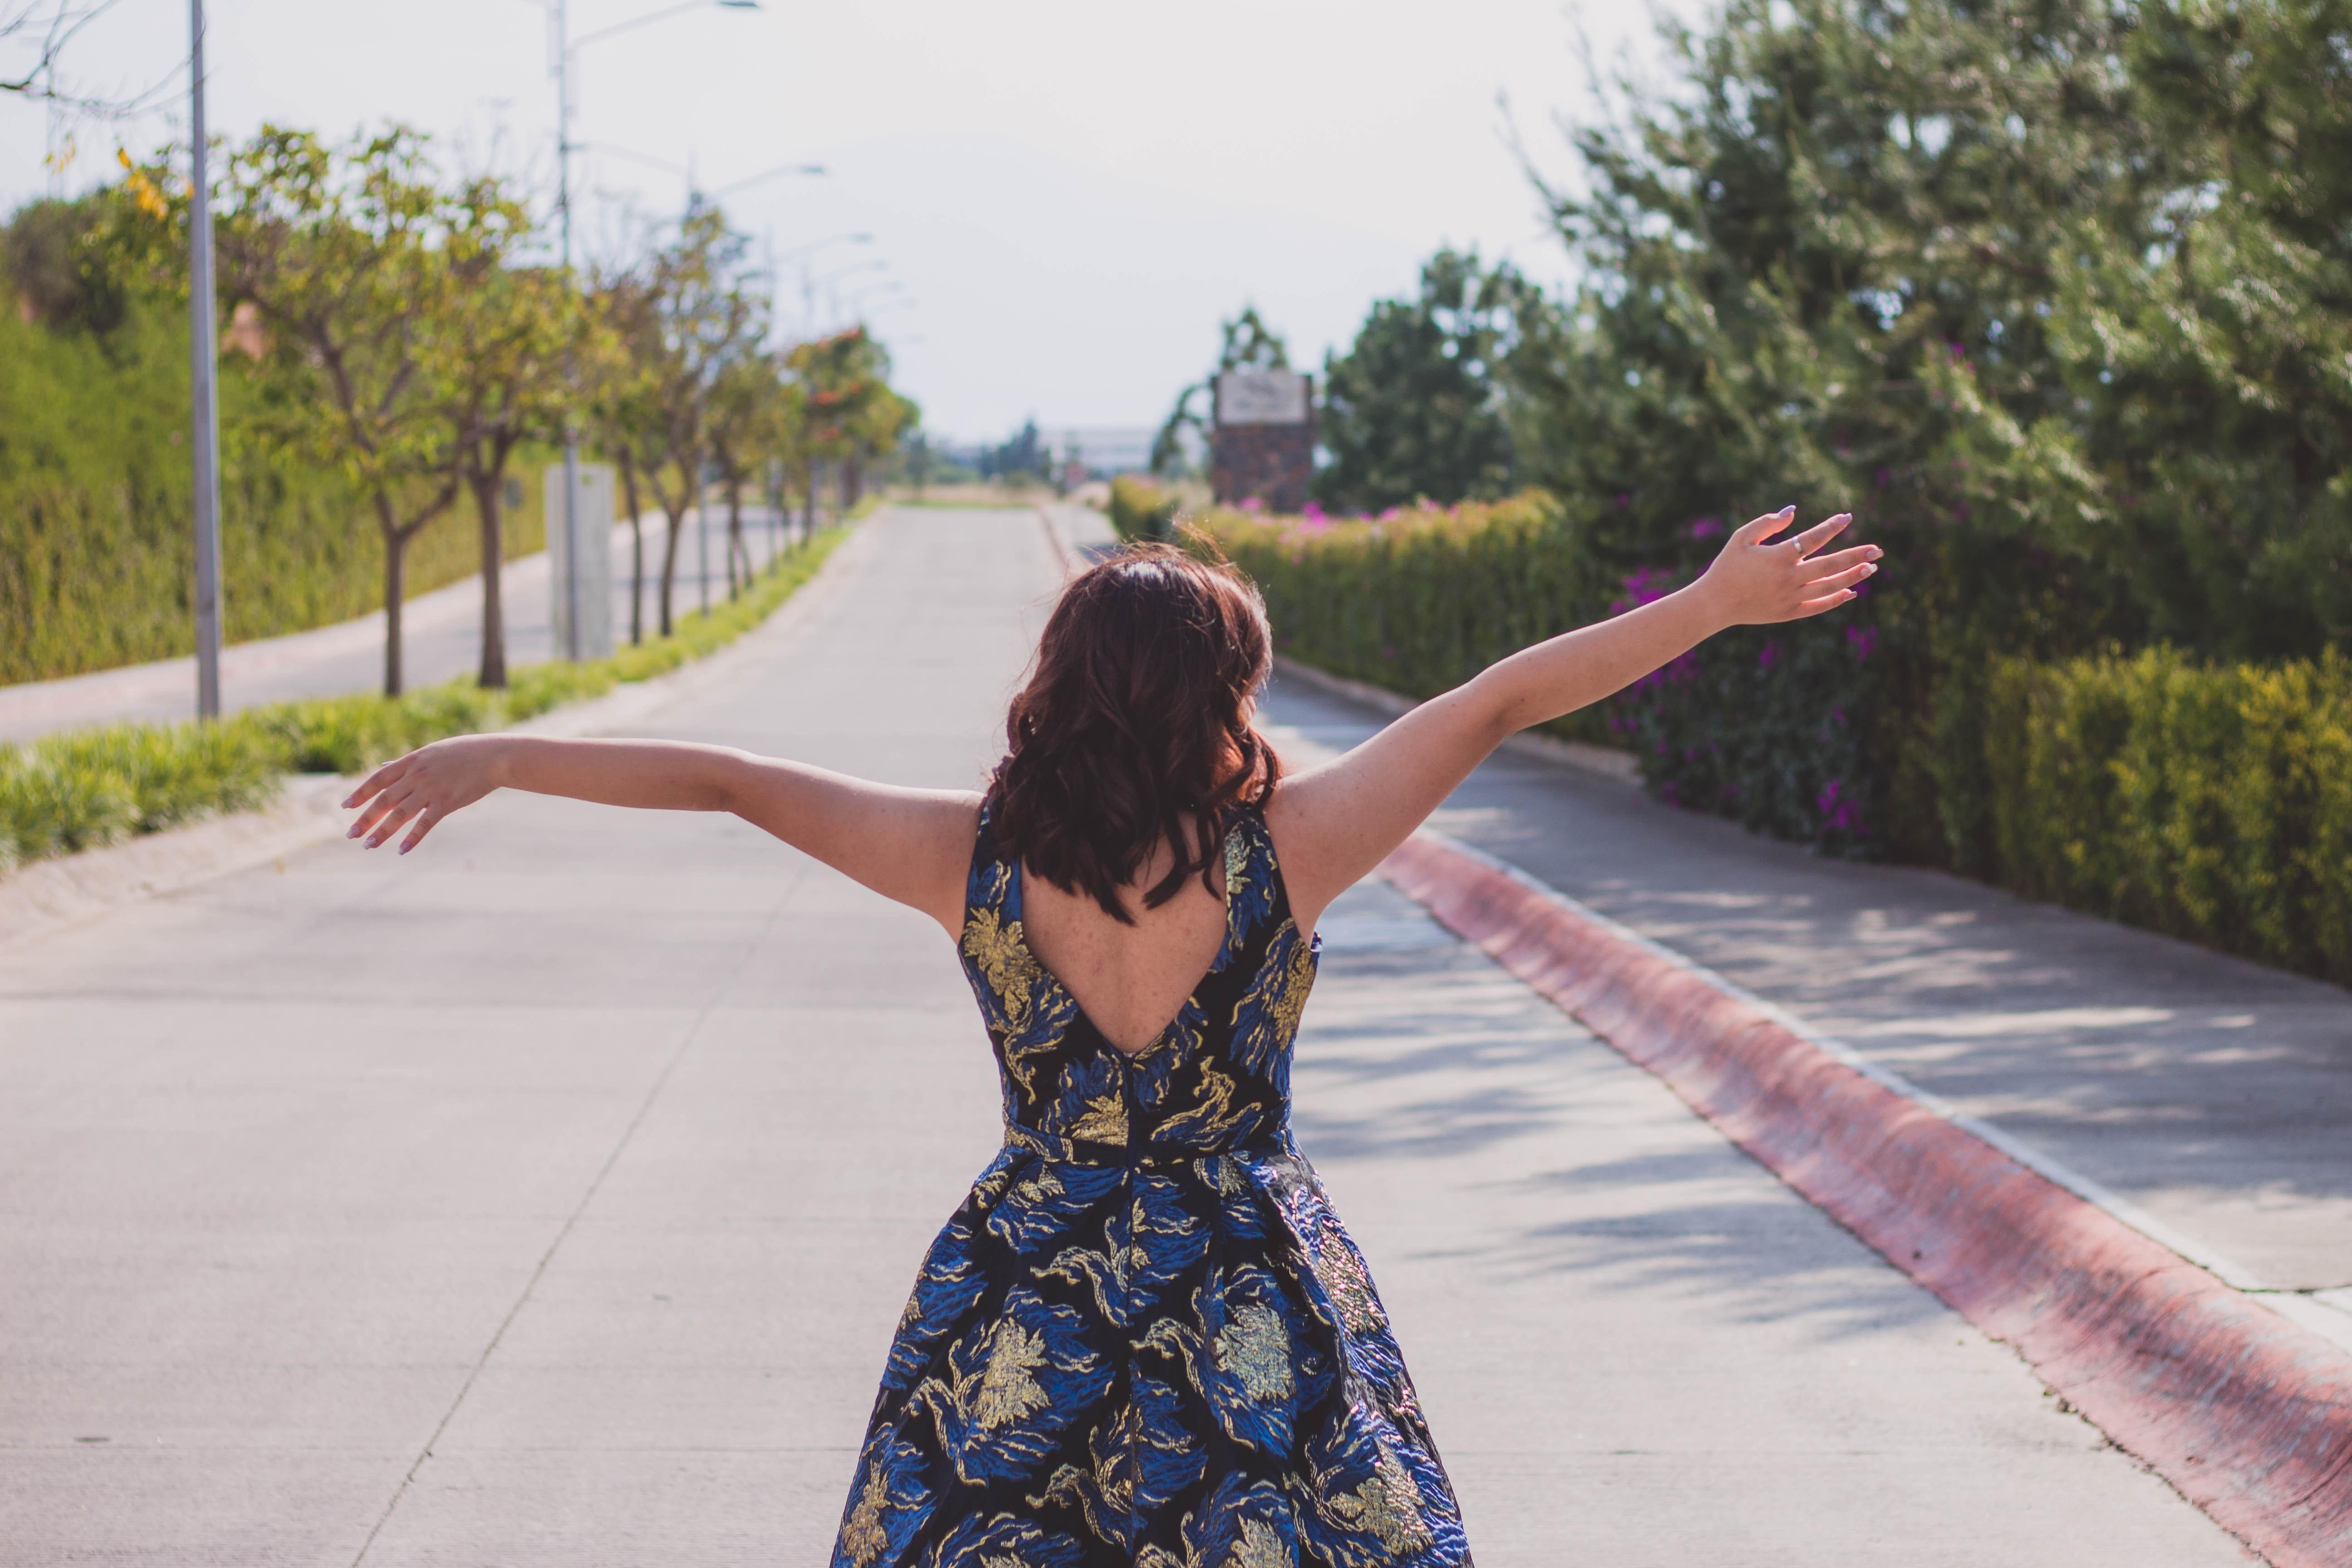 Hdの壁紙 かわいい女の子 シティの無料の写真素材